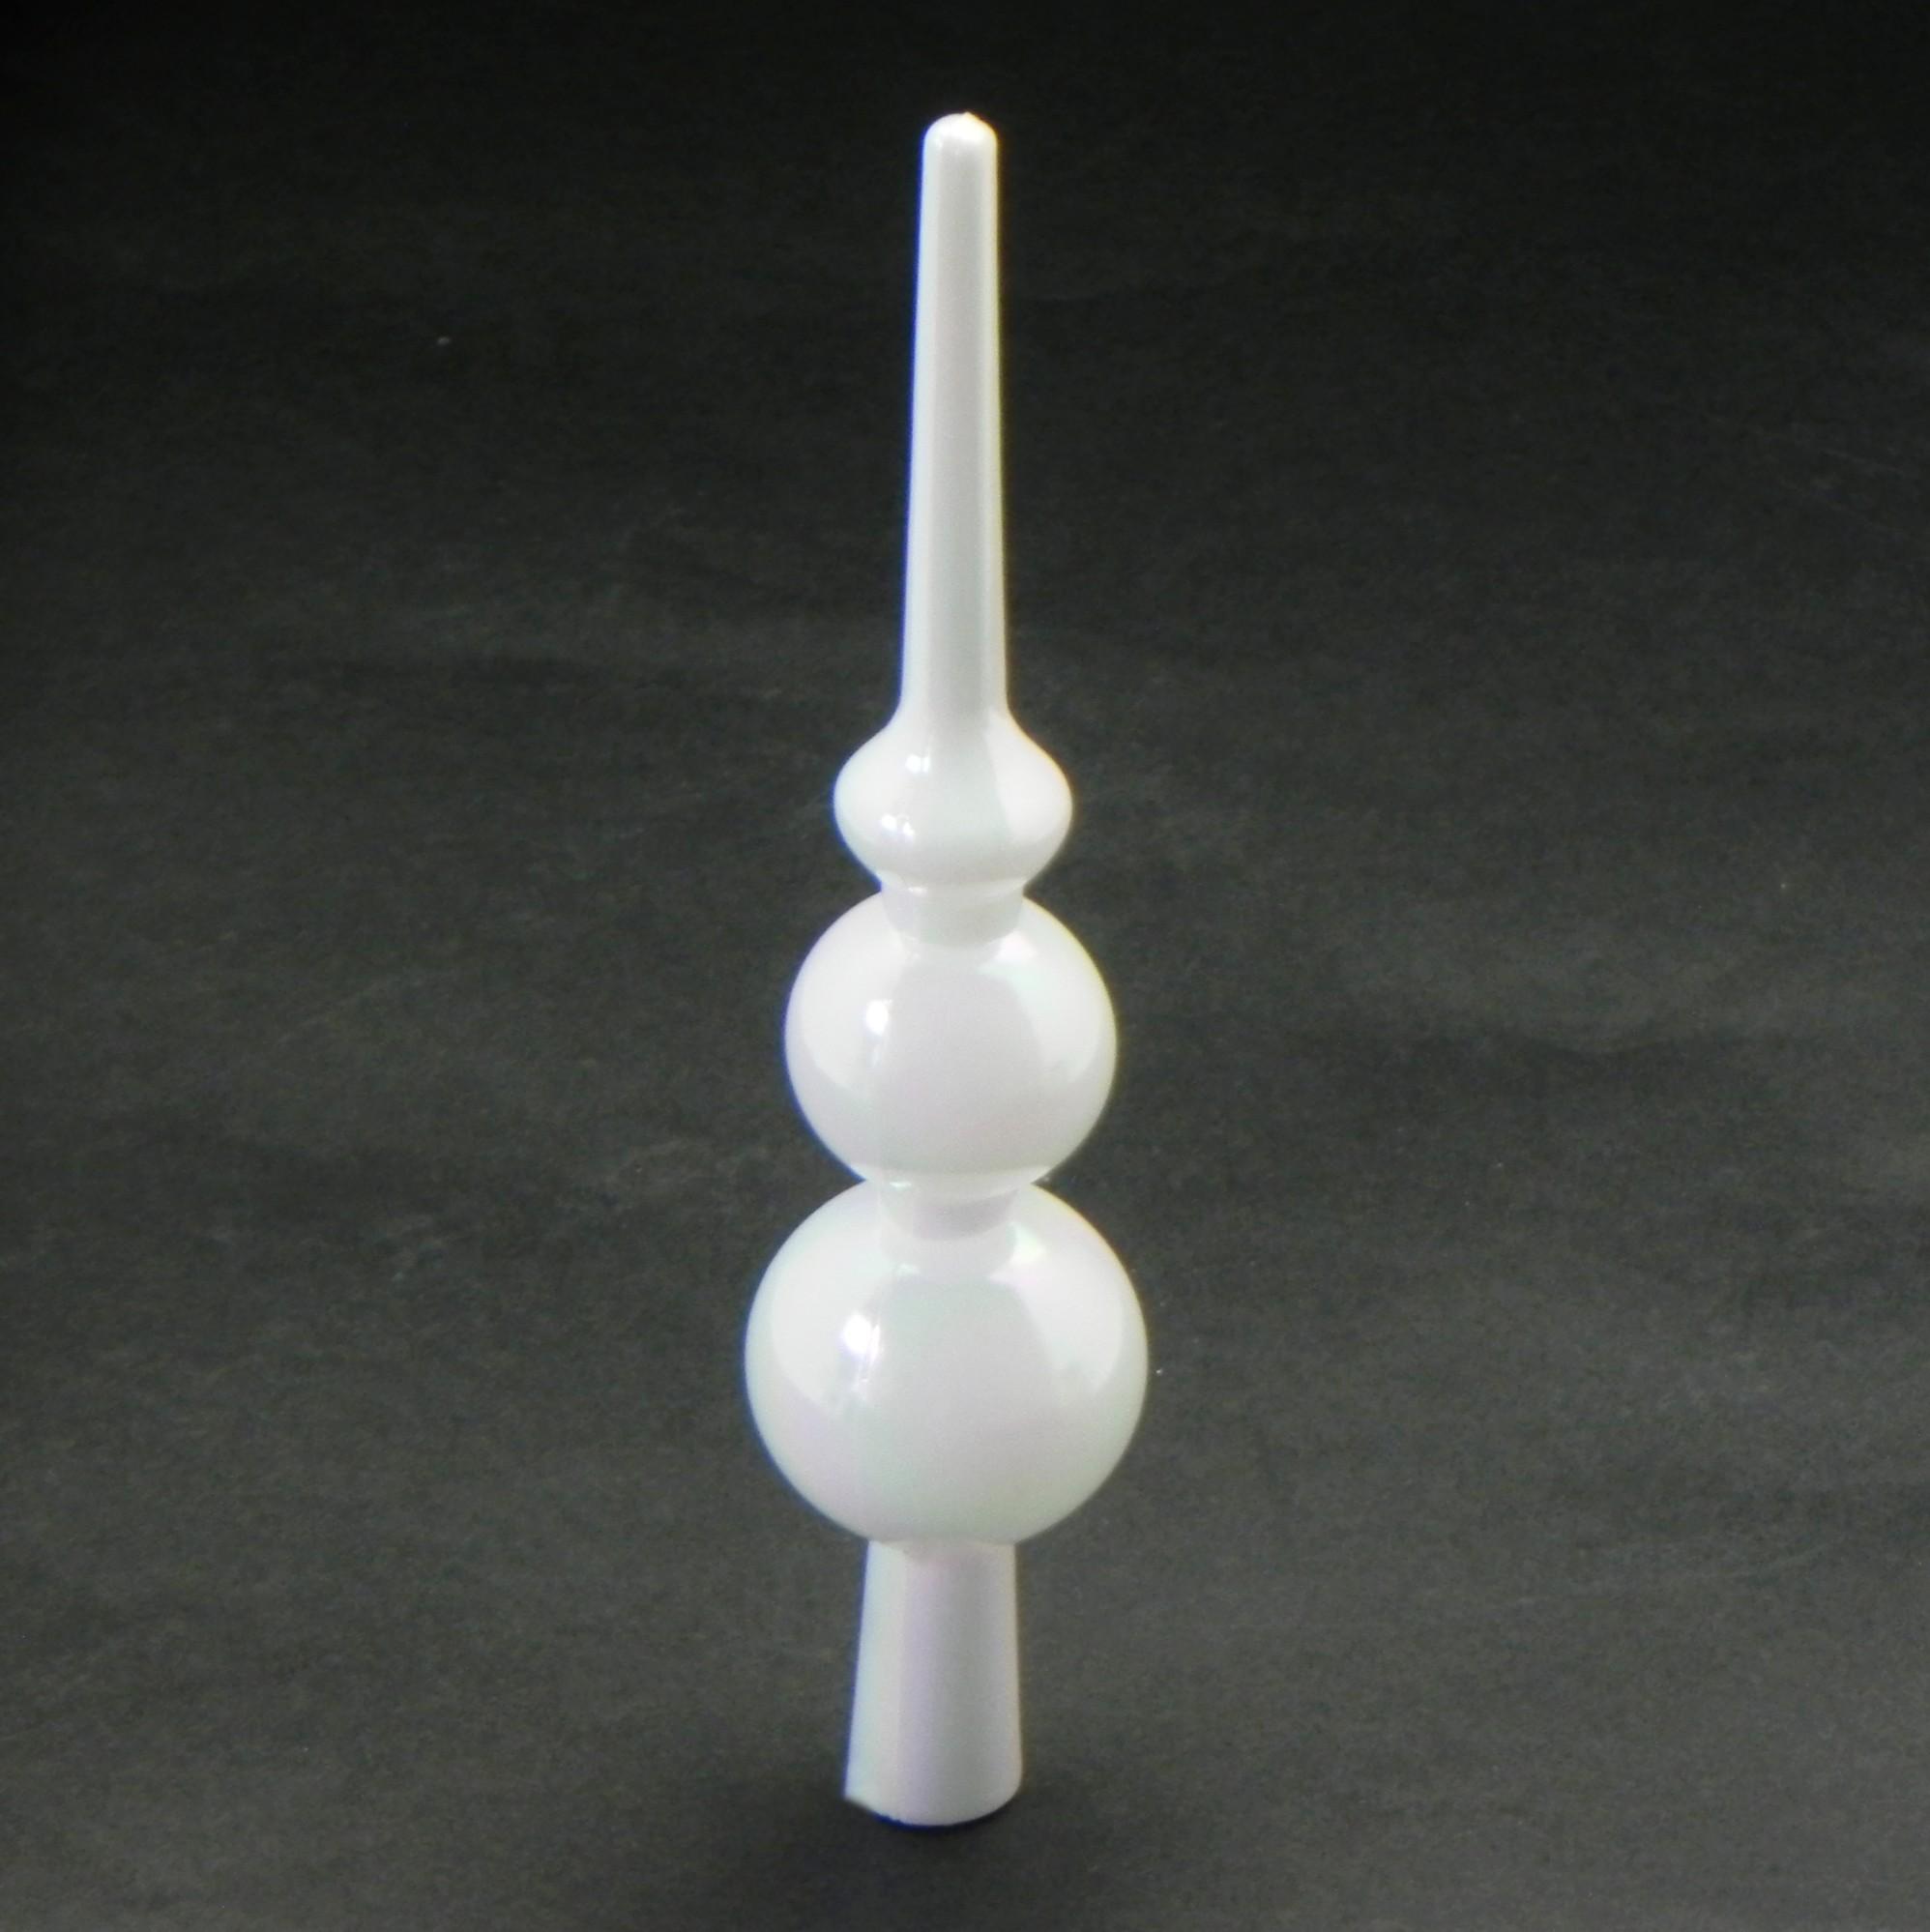 Špice vánoční pvc 15cm bílá